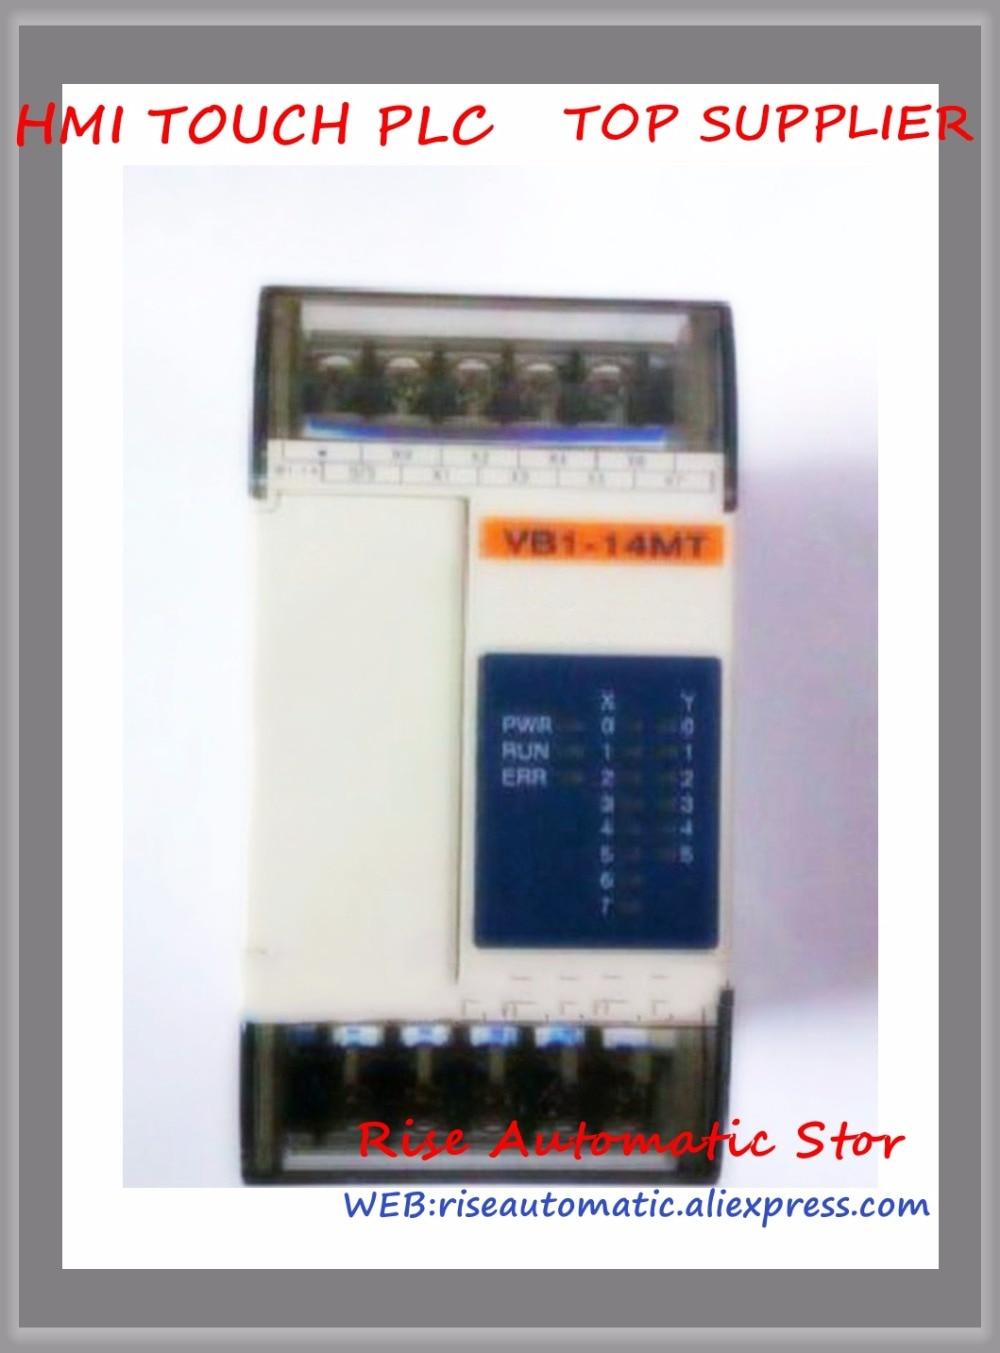 VB1-14MT-D New Original PLC 24VDC 8 point 24VDC transistor 6 point Main Unit VB1-14MT-D New Original PLC 24VDC 8 point 24VDC transistor 6 point Main Unit